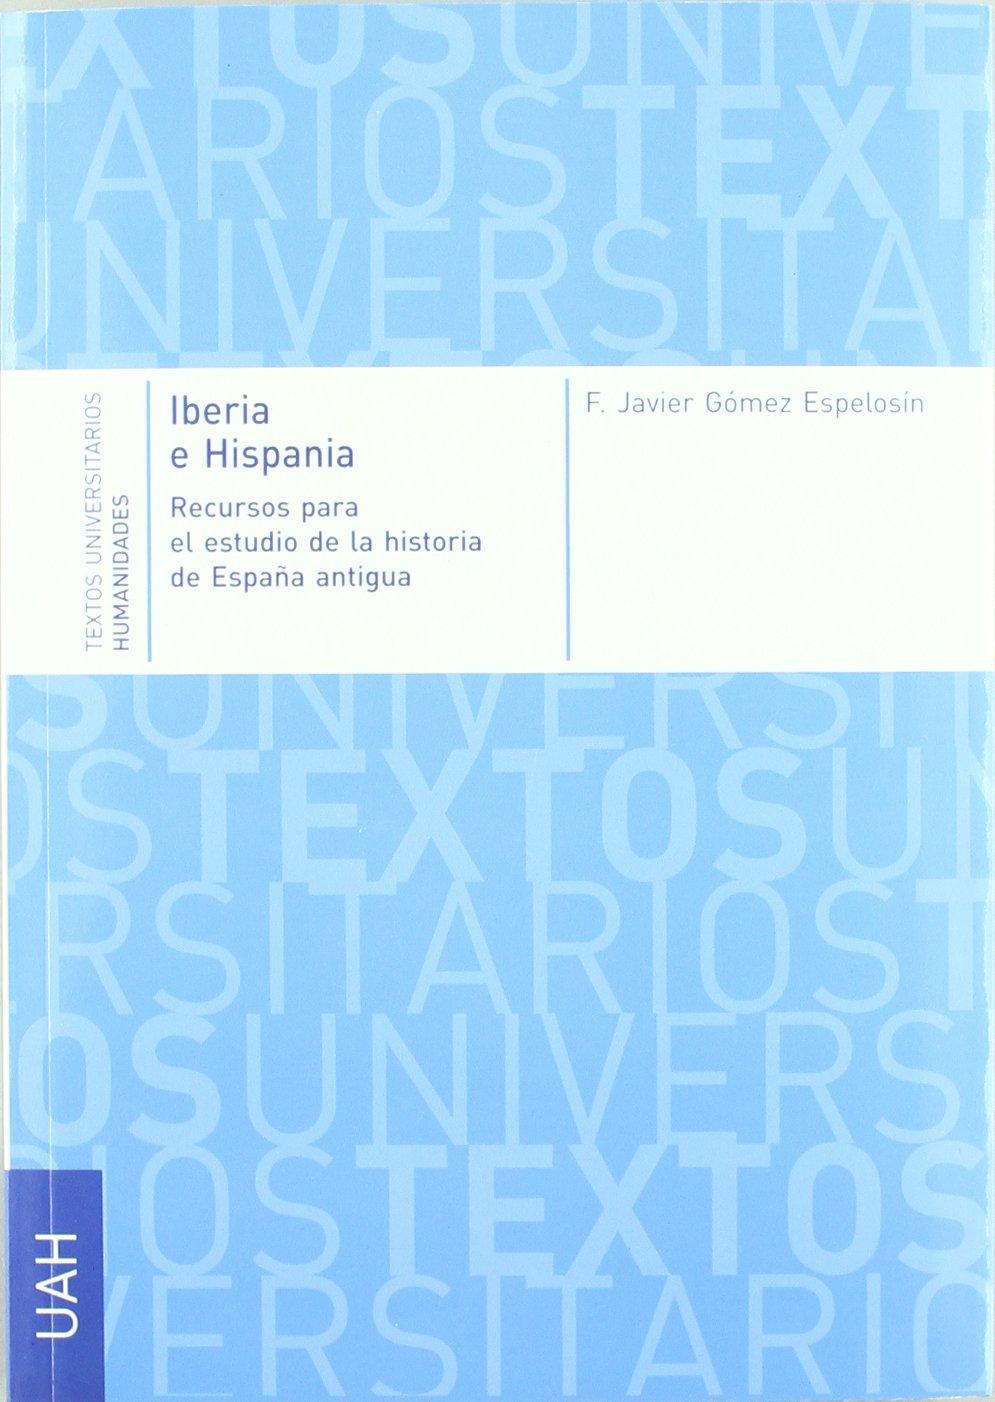 Iberia e Hispania. Recursos para el estudio de la historia de la España antigua: Amazon.es: Gómez Espelosín, Francisco Javier: Libros